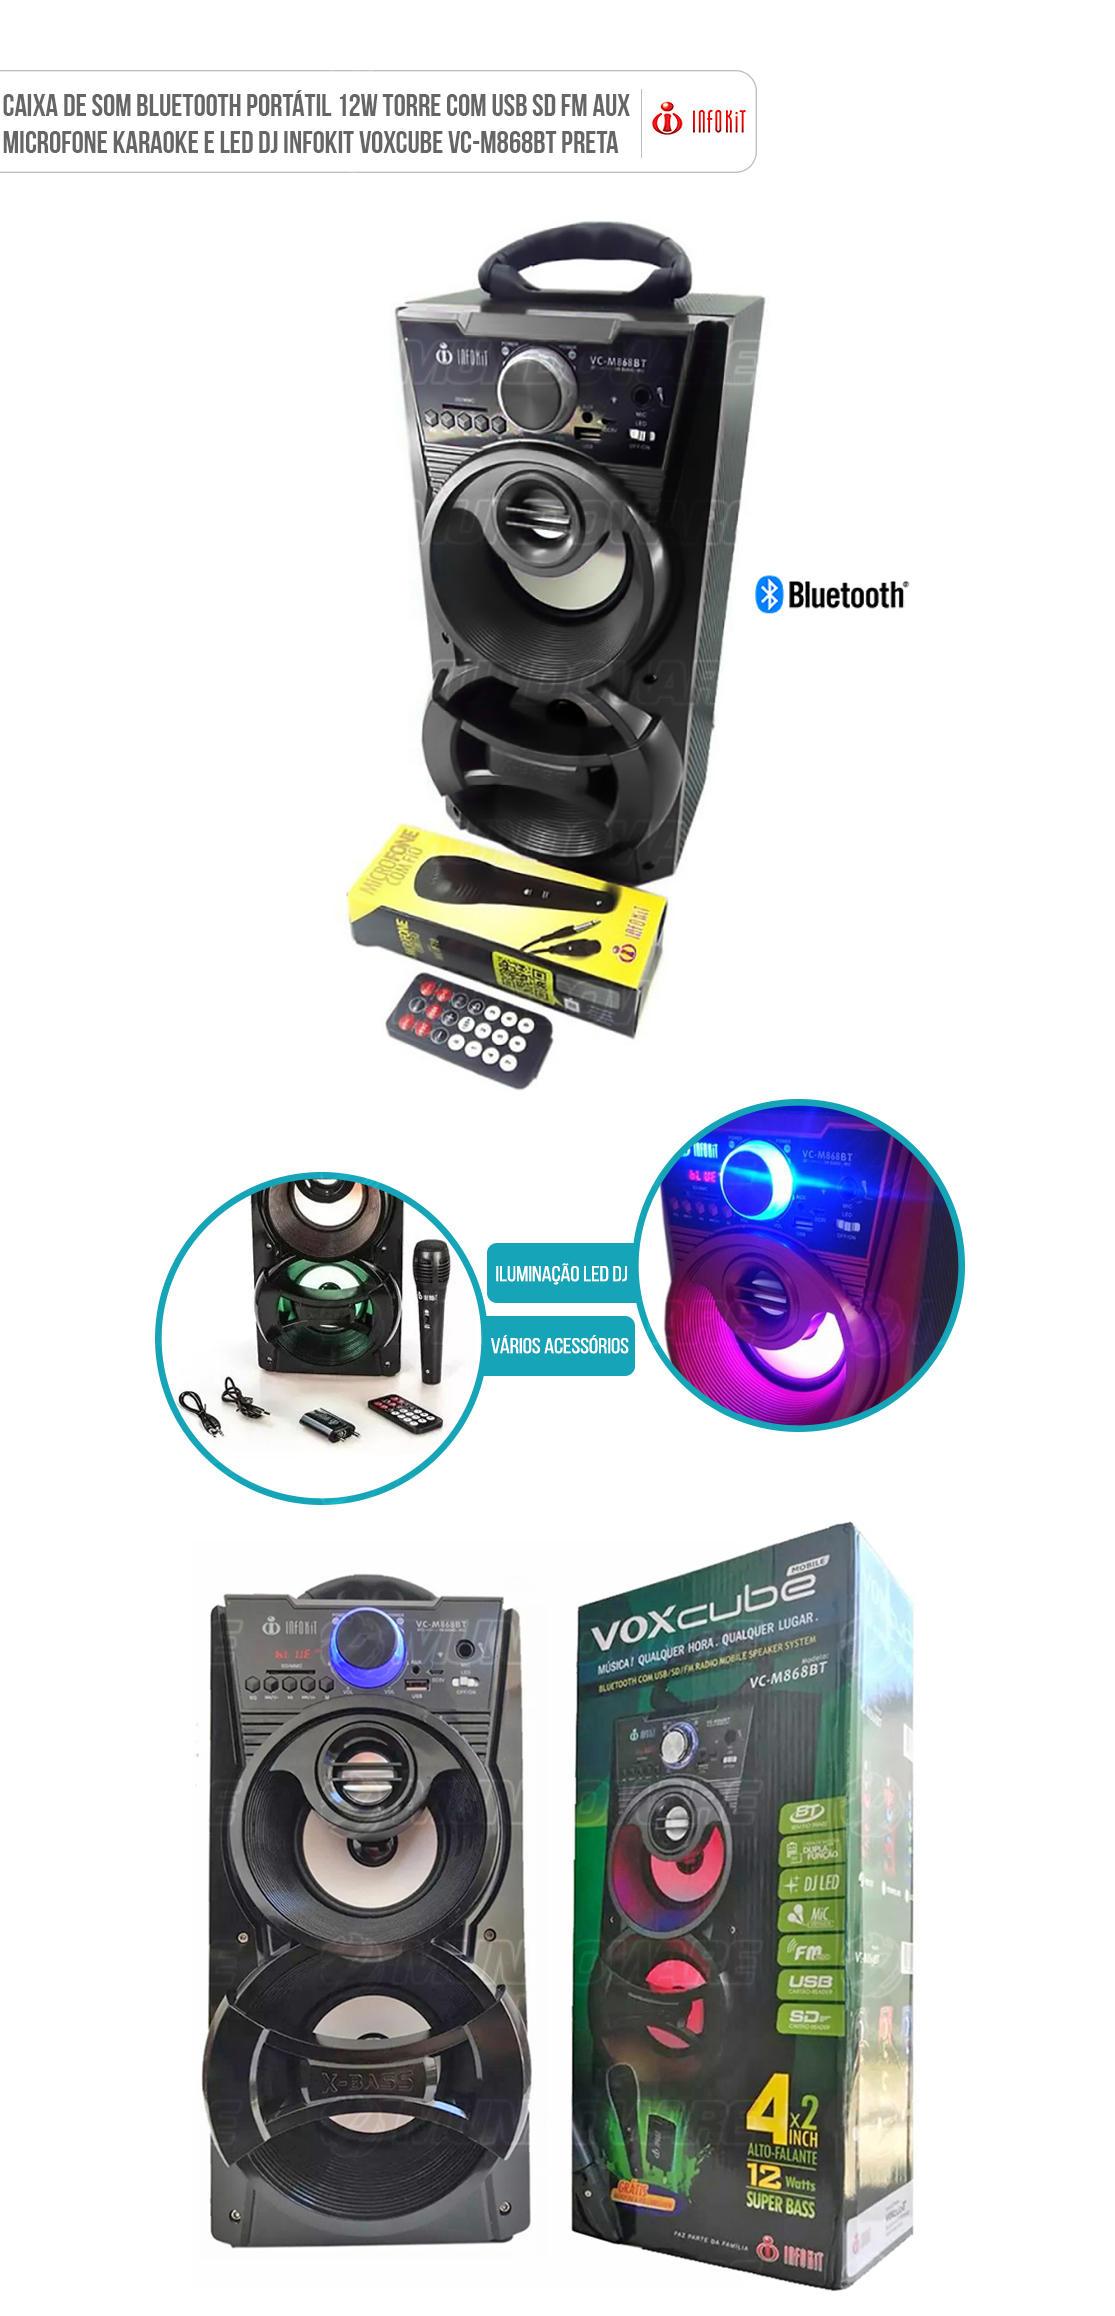 Caixa Bluetooth Mobile com Radio FM função Karaoke entrada SD Card Pendrive P2 Voxcube VC-M868BT Preta